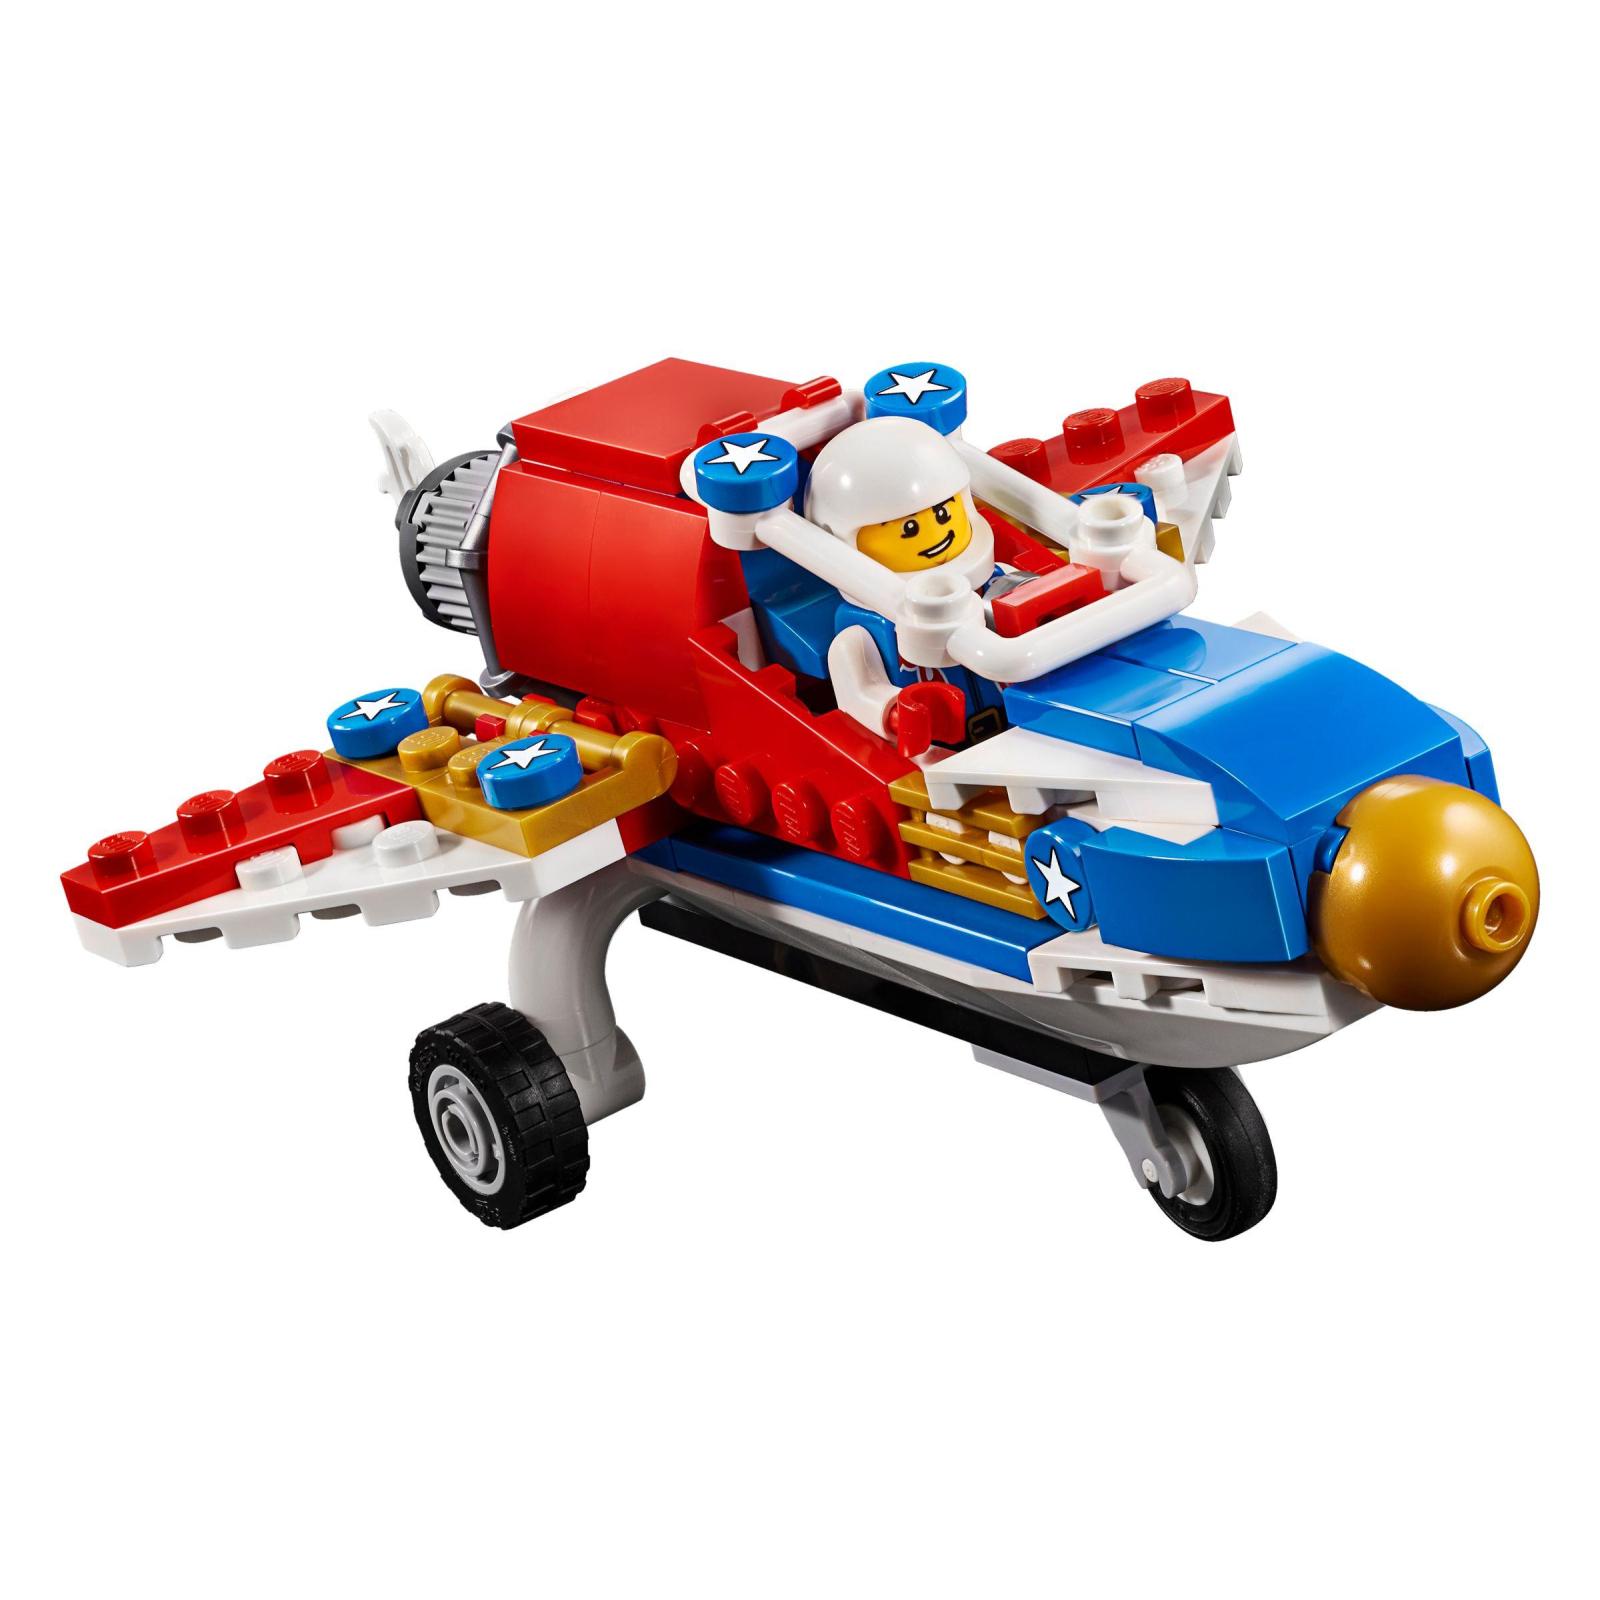 Конструктор LEGO Creator Бесстрашный самолет высшего пилотажа (31076) изображение 4